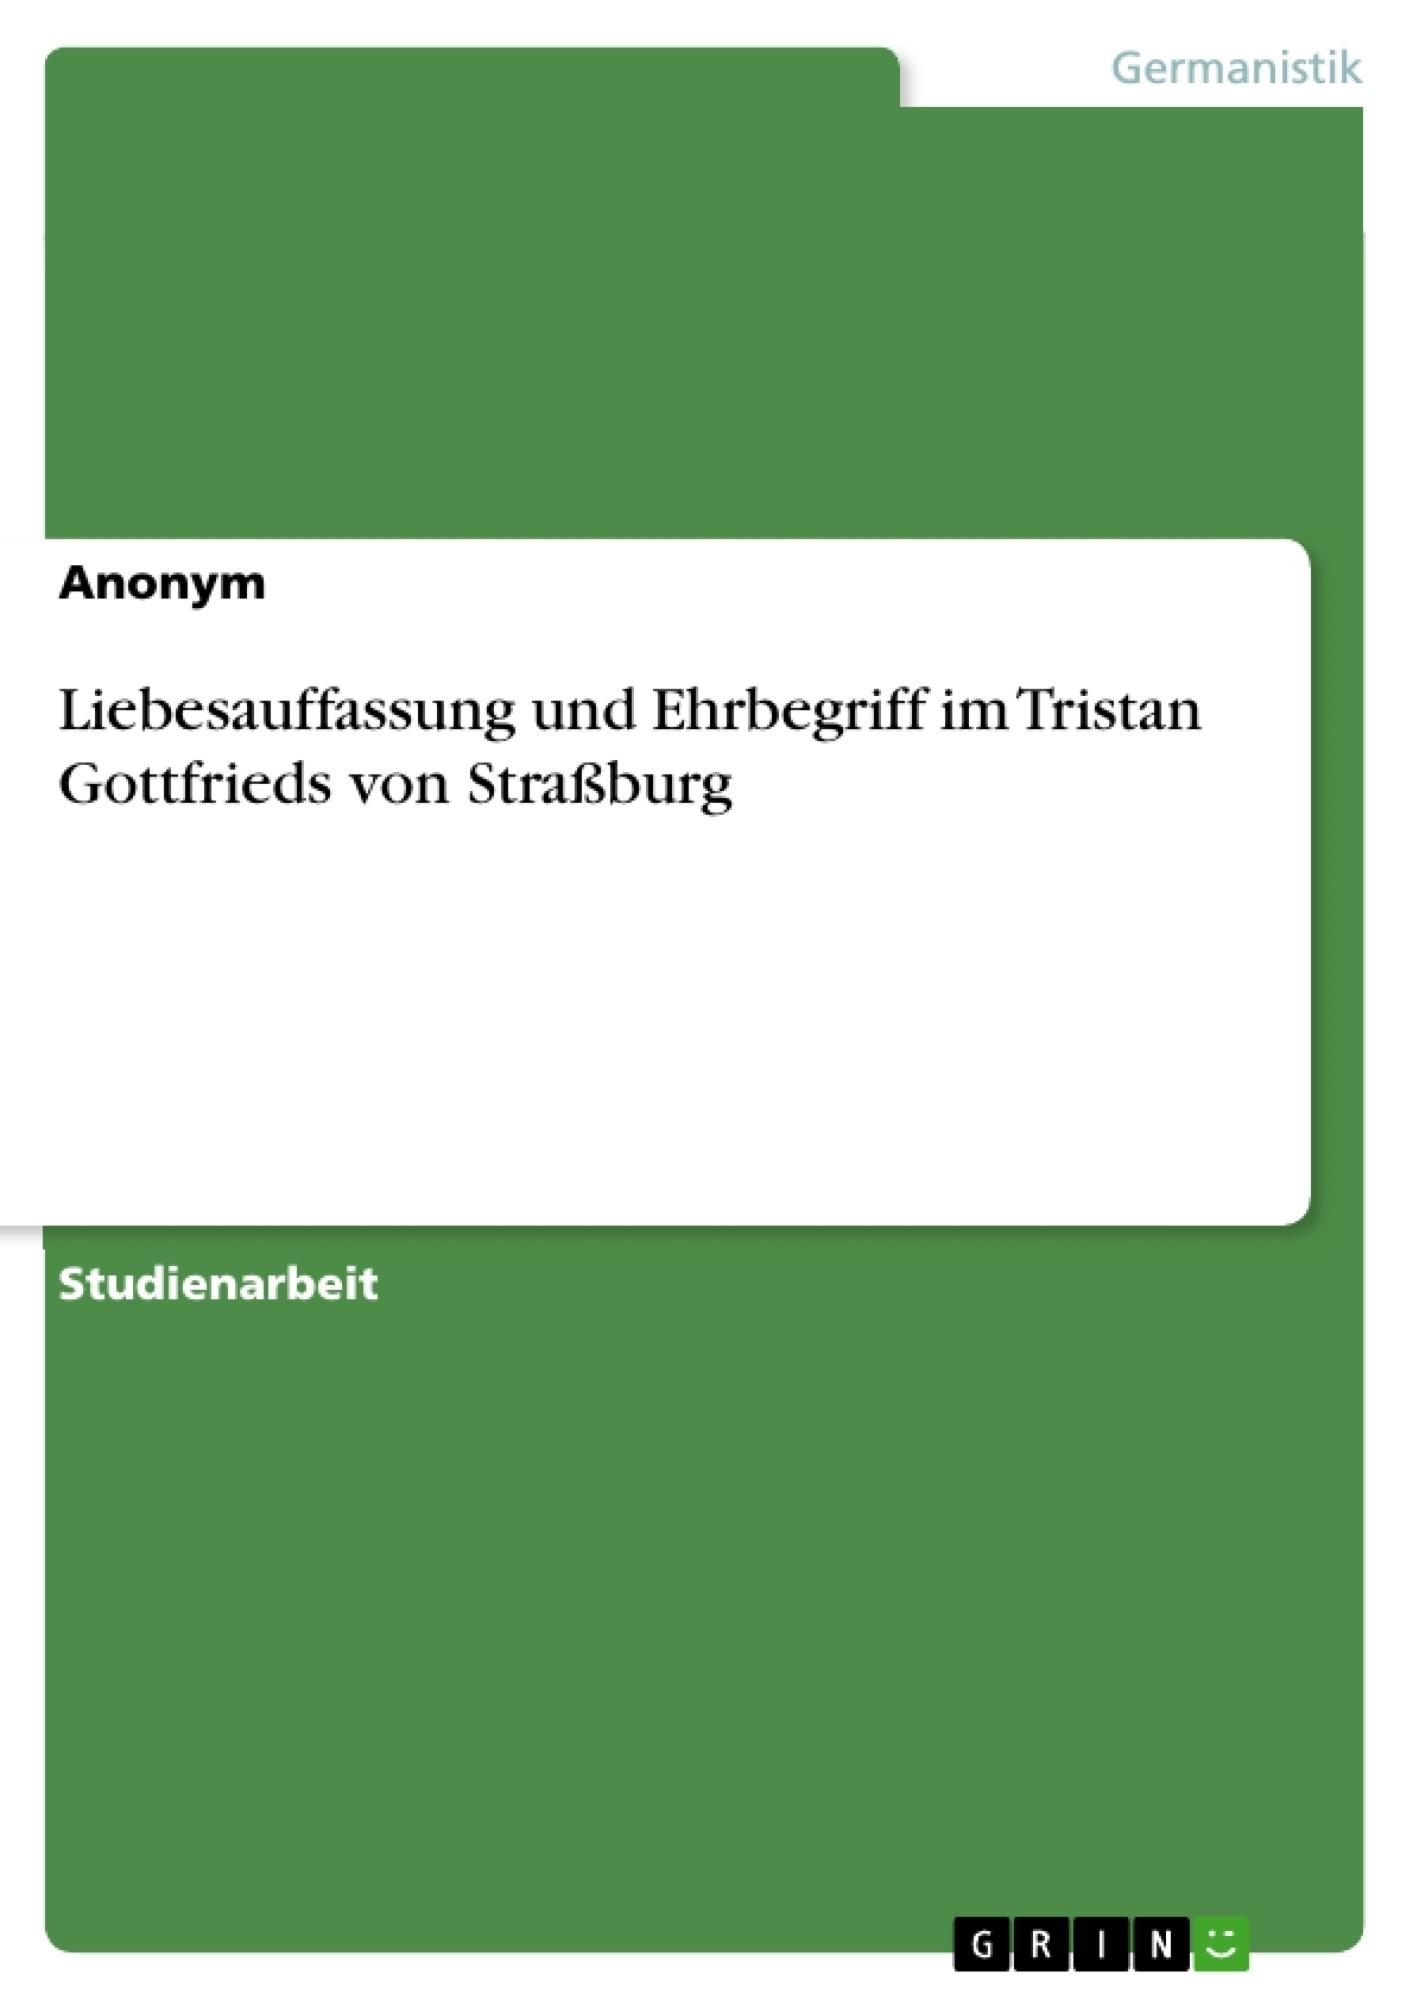 Titel: Liebesauffassung und Ehrbegriff im Tristan Gottfrieds von Straßburg